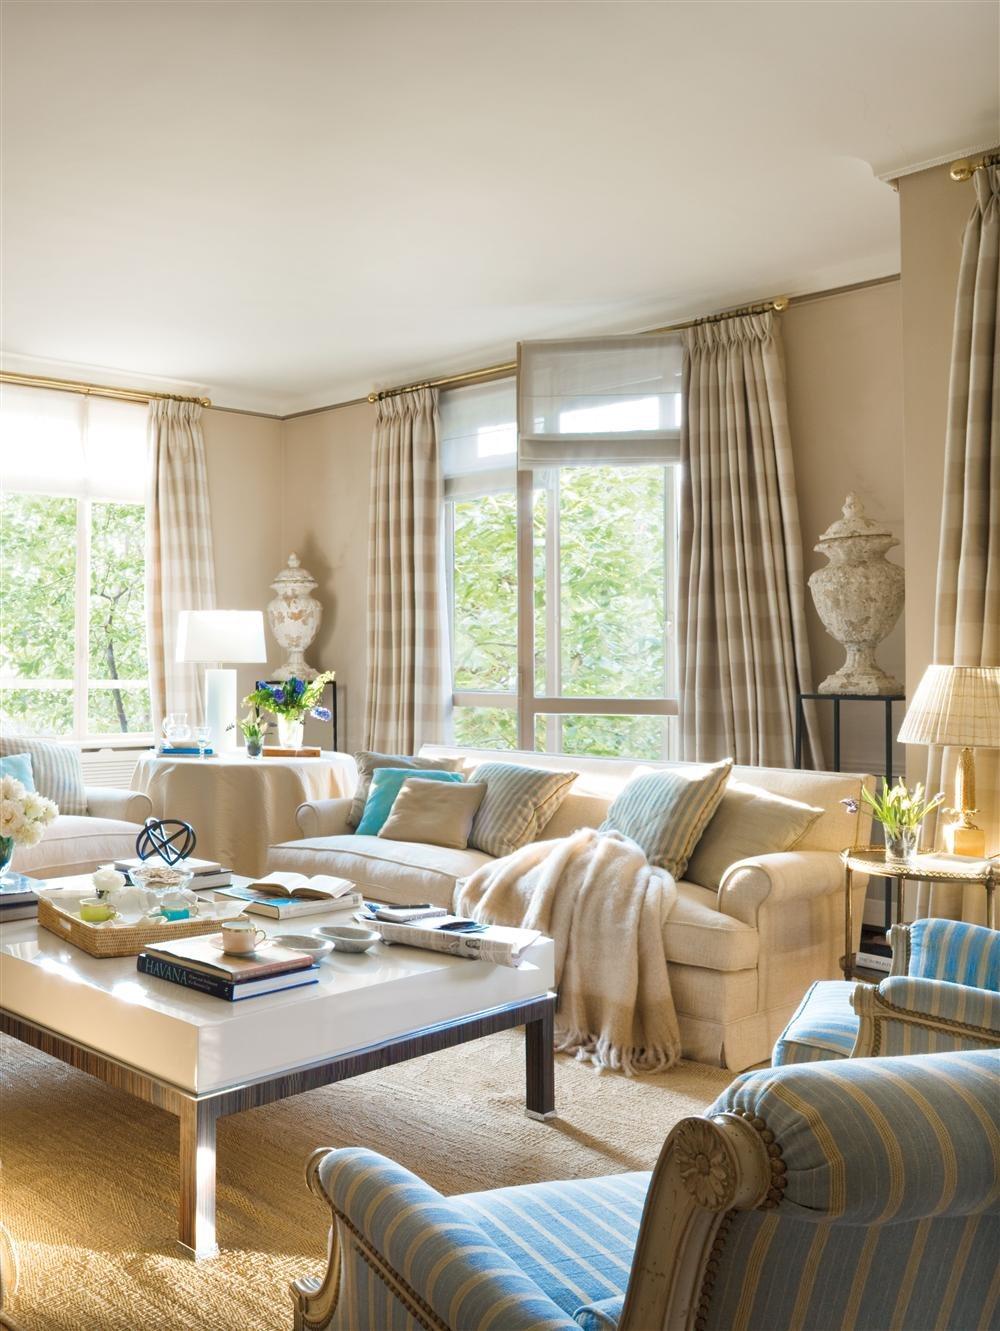 Un piso de ciudad para vivir en armon a for Vivir en un piso interior